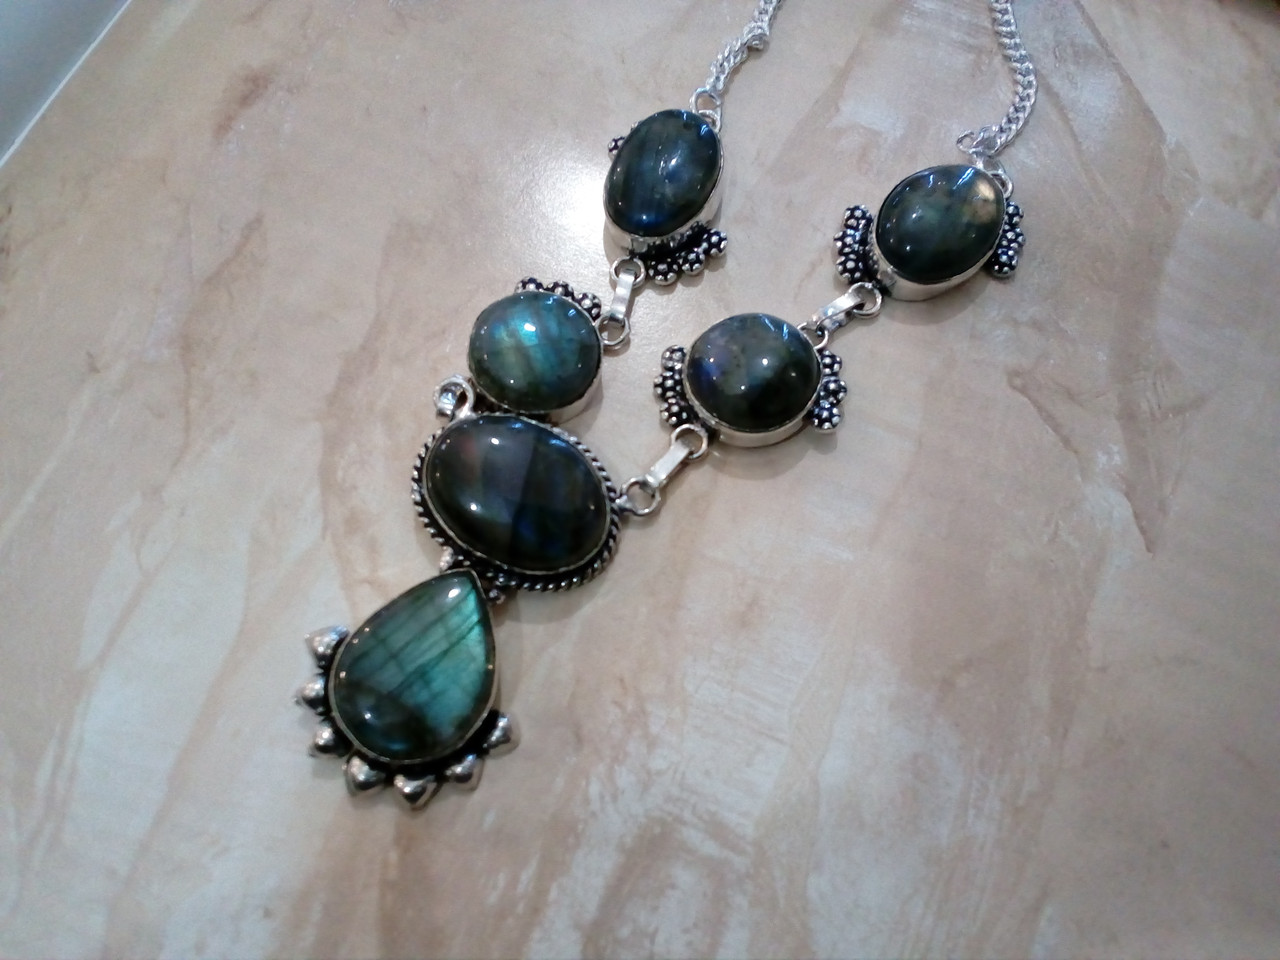 Ожерелье с лабрадором. Красивое ожерелье с камнем лабрадор в серебре. Индия!